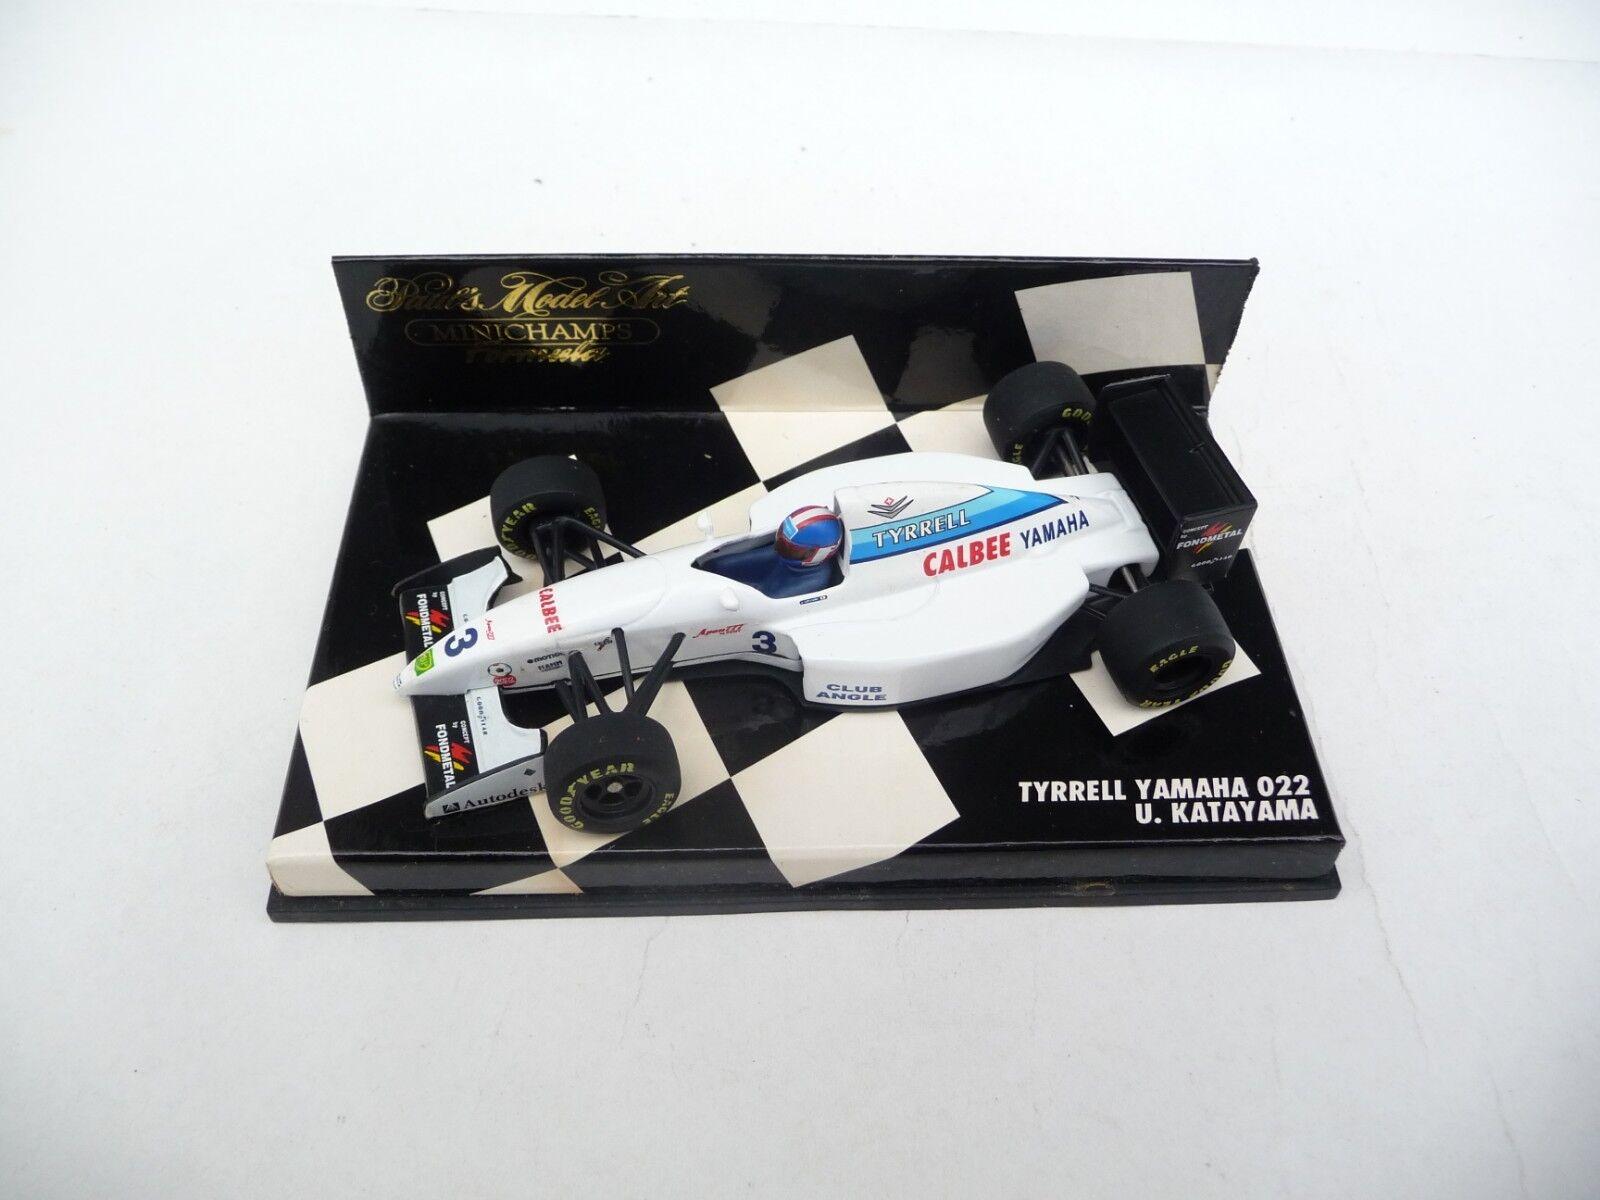 Minichamps 1 43 Tyrrell Yamaha 022 Ukyo Katayama 940003